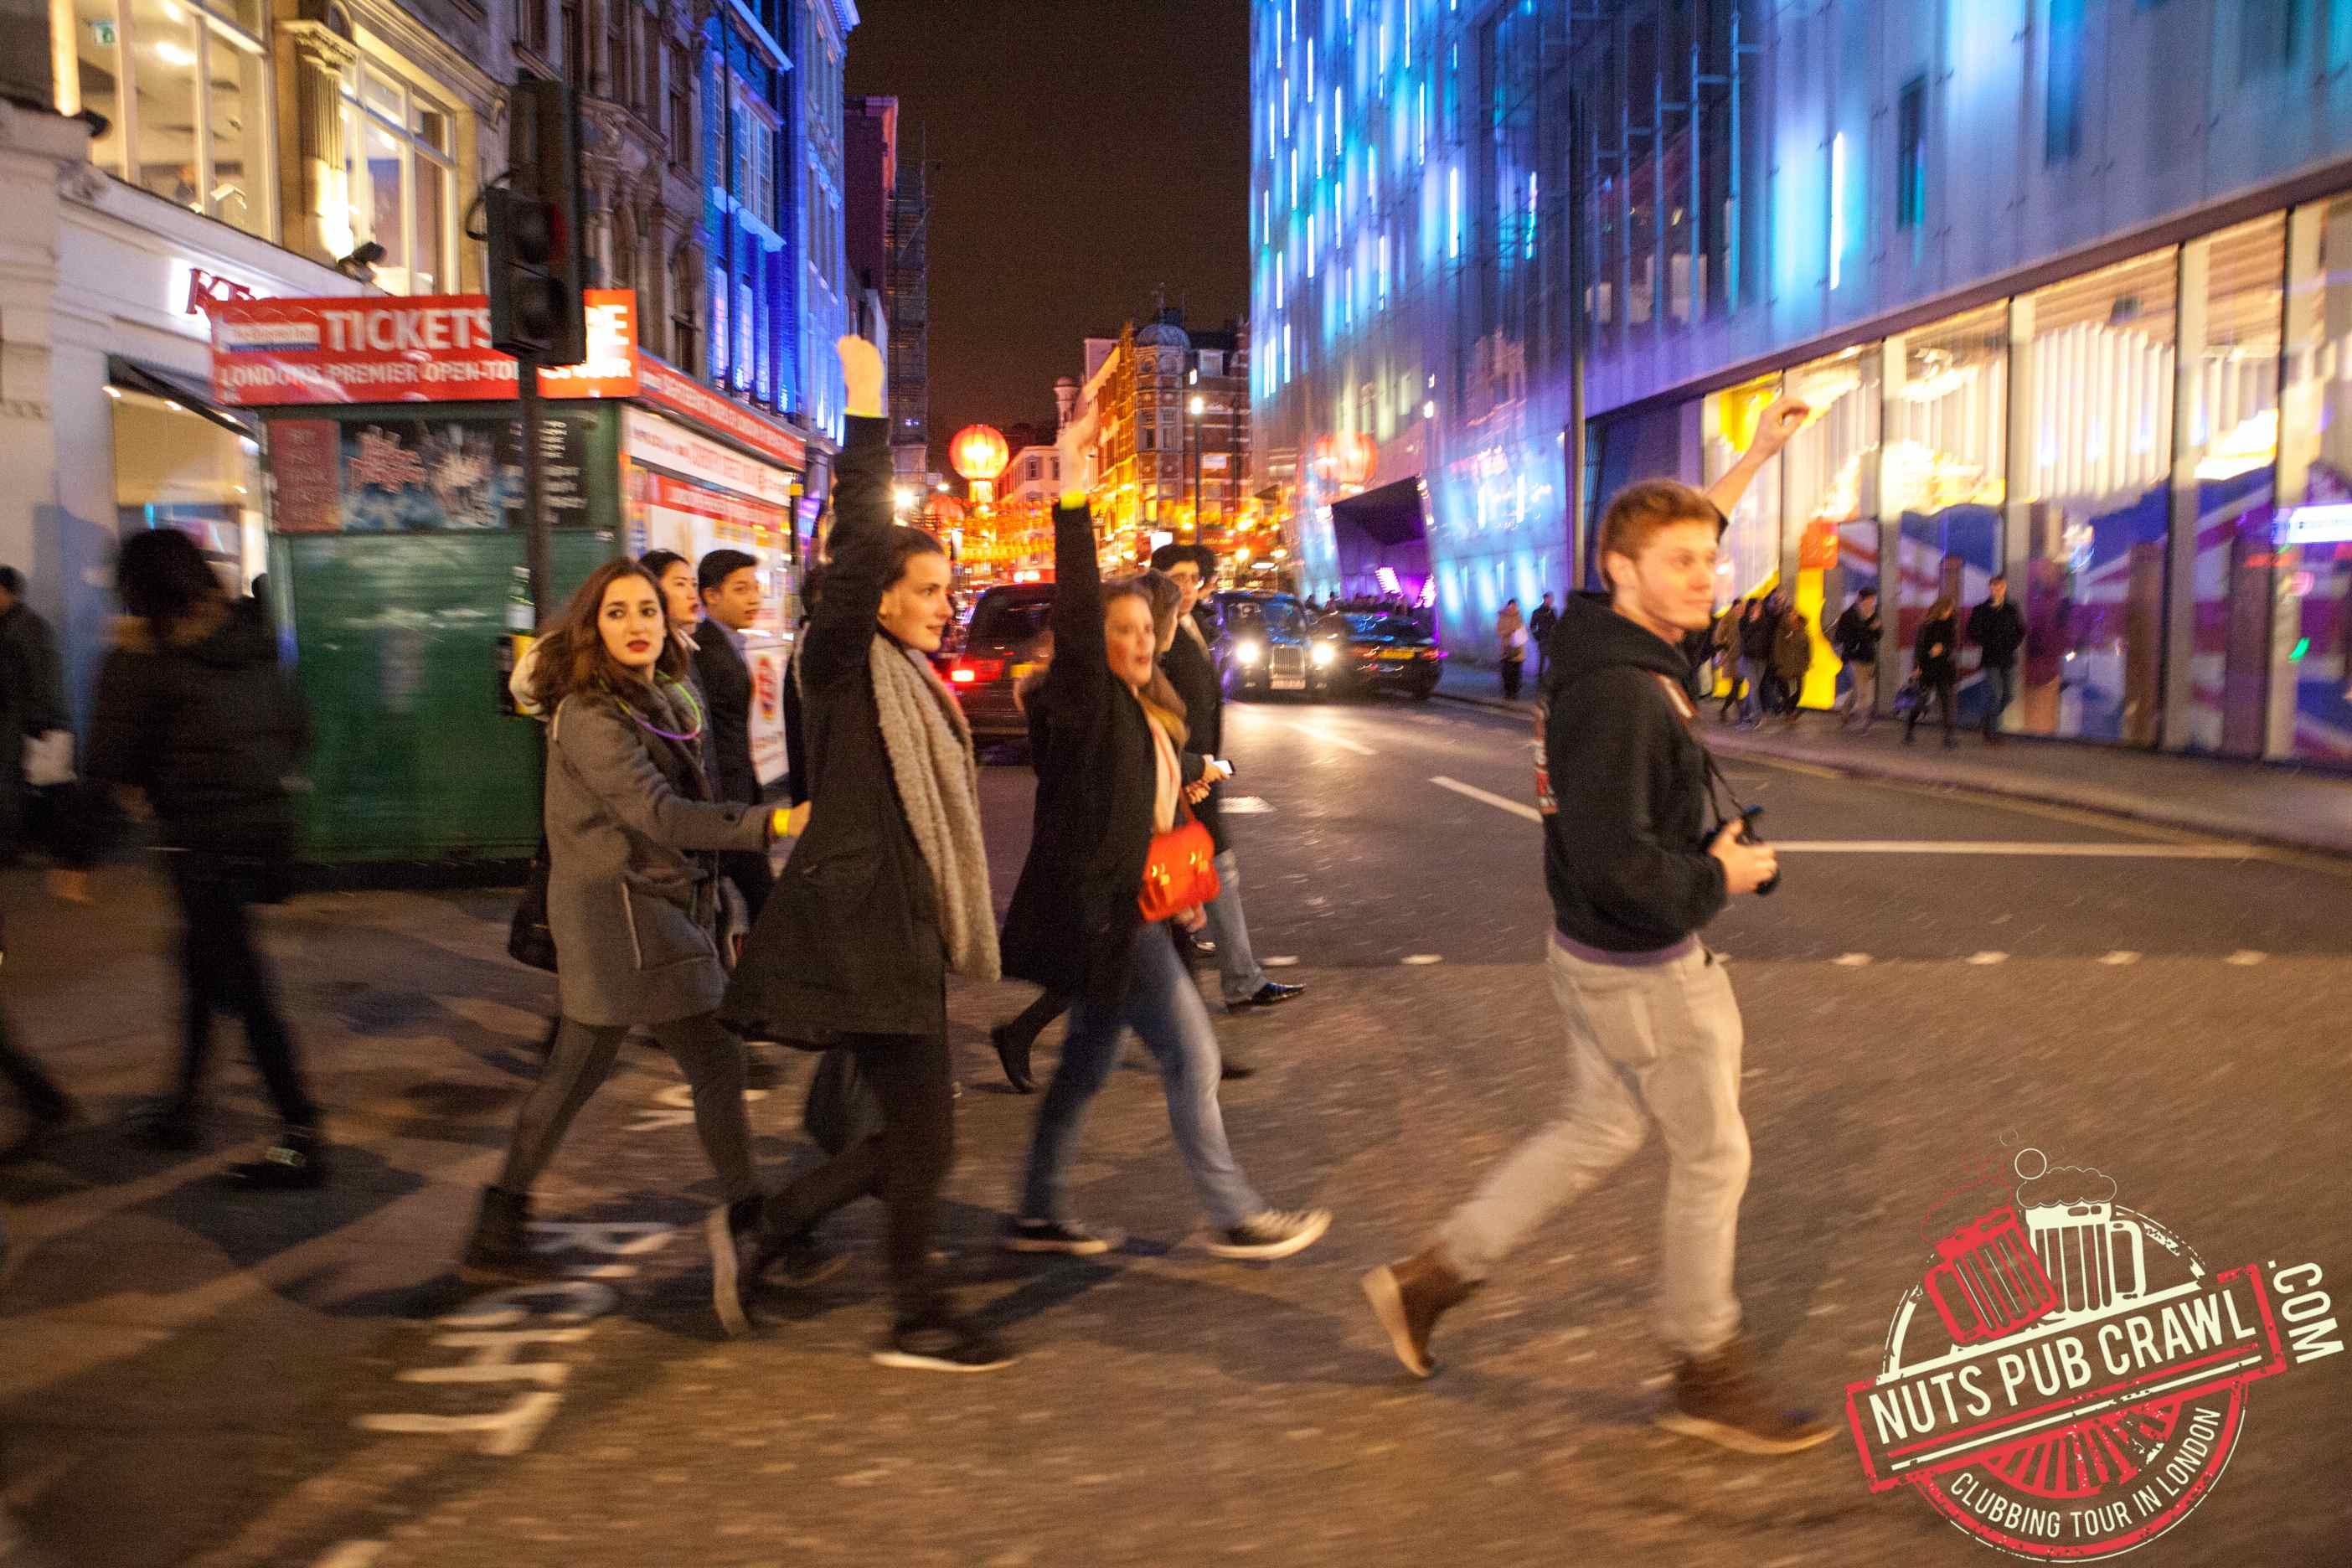 nuts pub crawl à Londres